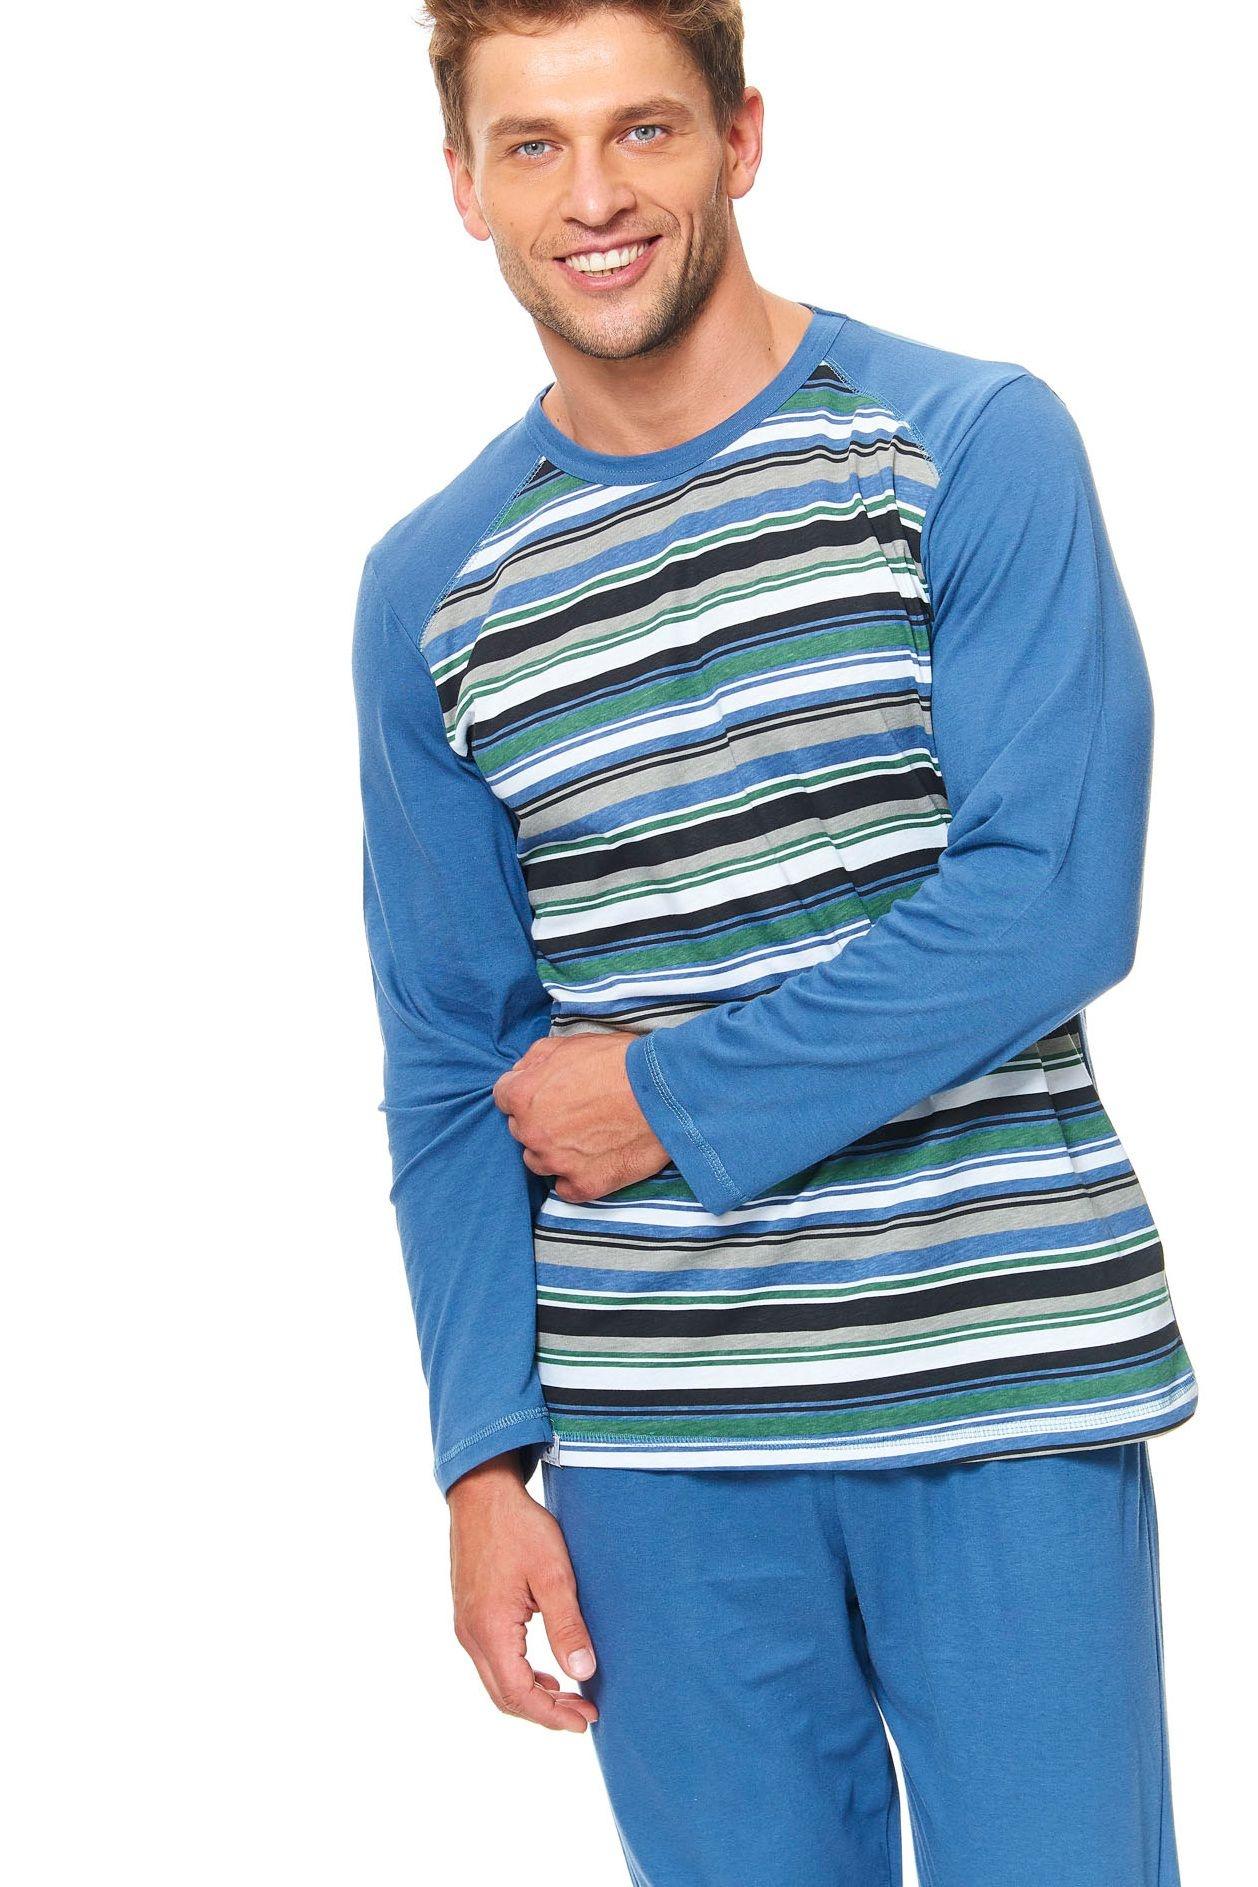 aa27850a8 Pánske bavlnené pyžamo Henry zelené prúžky - ELEGANT.sk